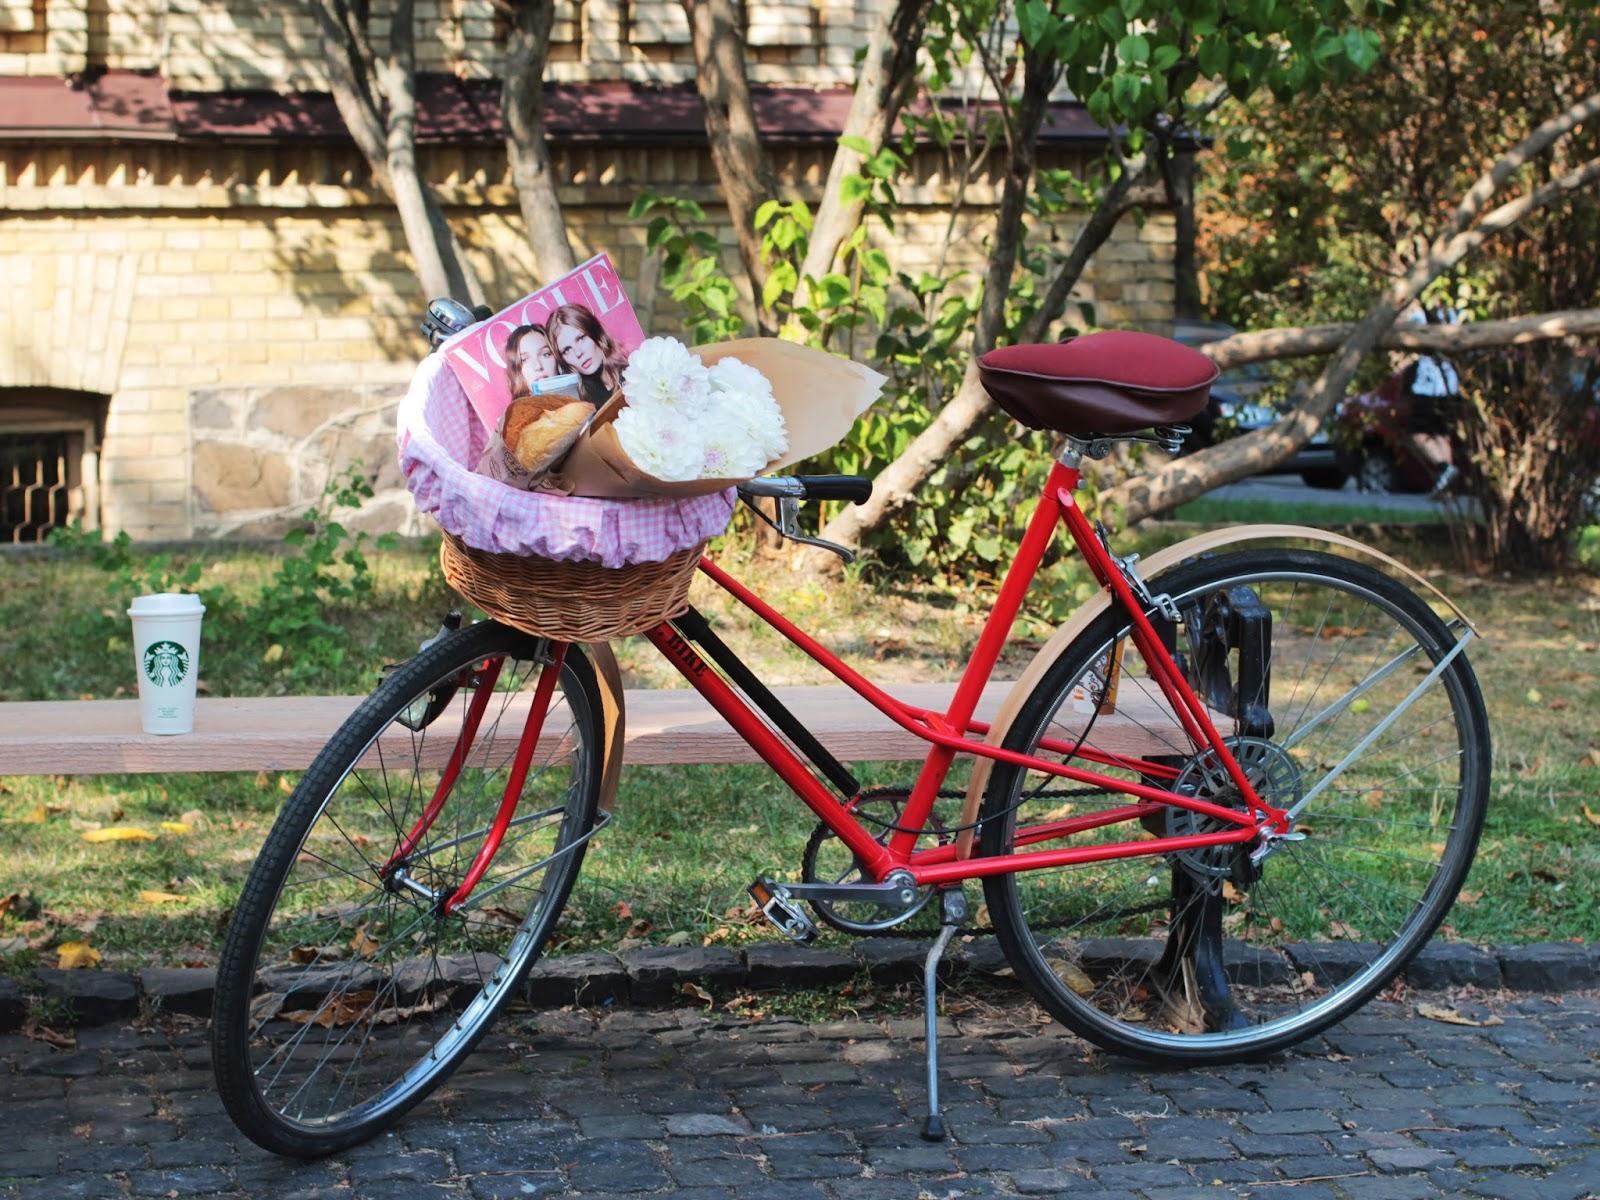 Корзинка для велосипеда купить киев, милая корзинка на велосипед, Bike me велоакссесуары